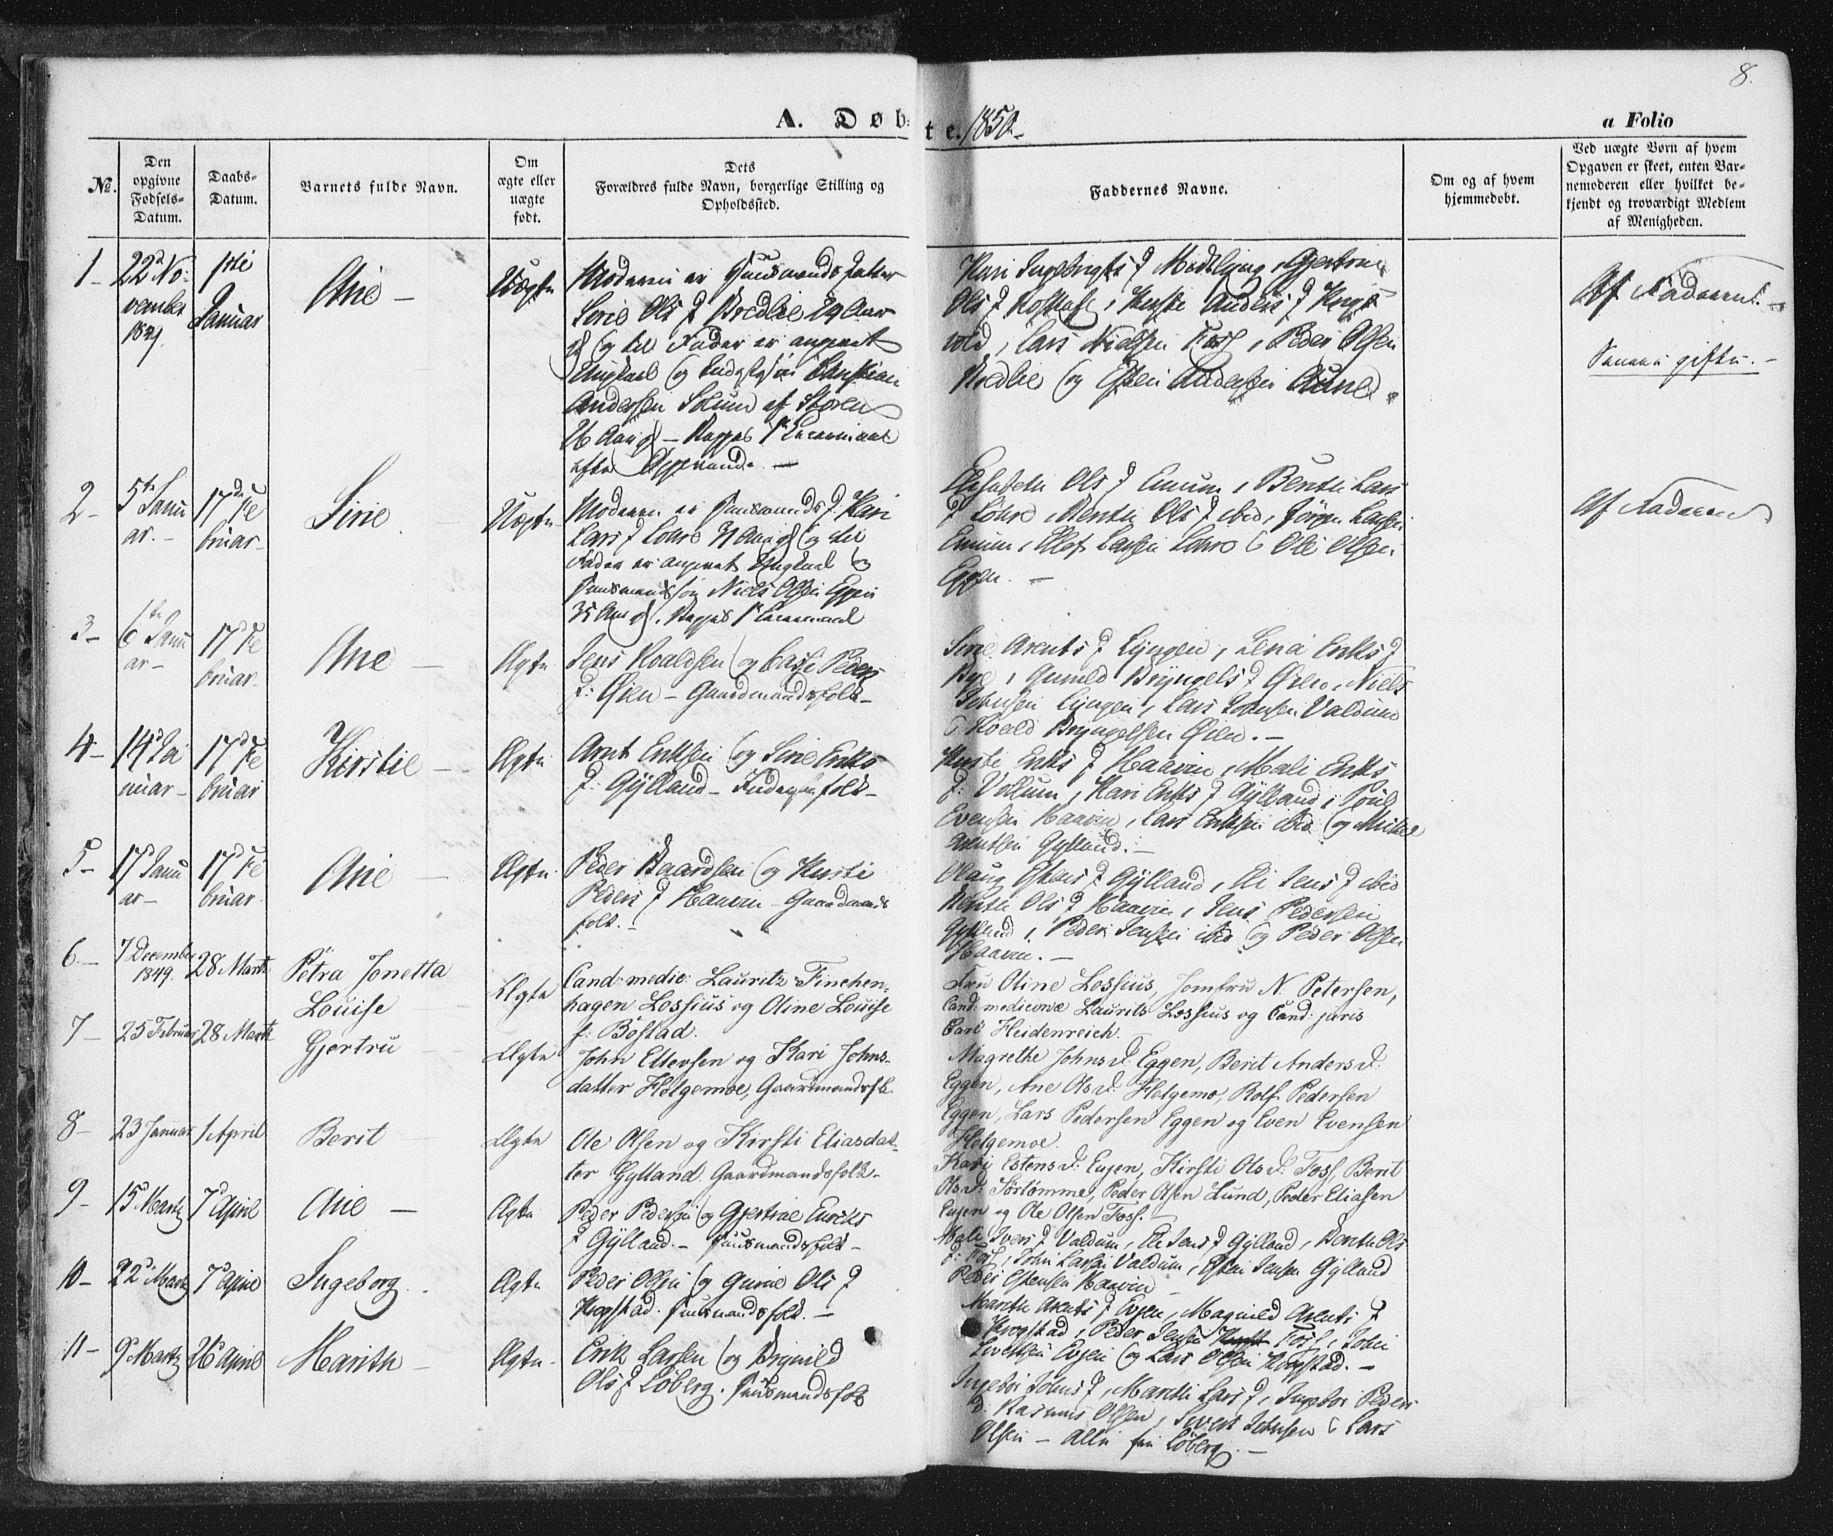 SAT, Ministerialprotokoller, klokkerbøker og fødselsregistre - Sør-Trøndelag, 692/L1103: Ministerialbok nr. 692A03, 1849-1870, s. 8